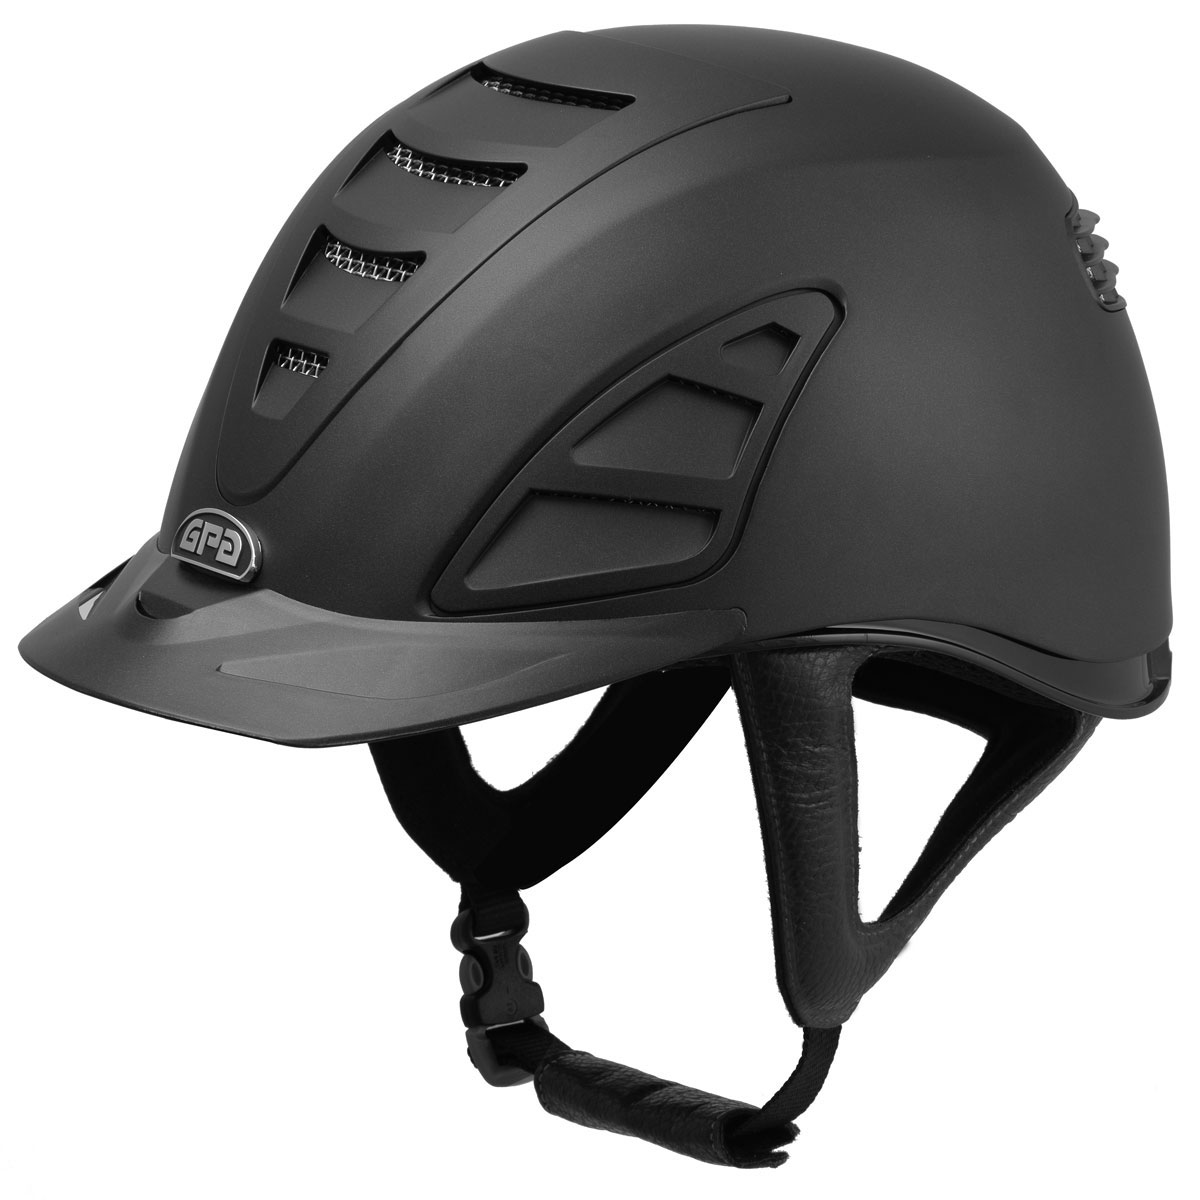 GPA Speed Air 4S 2x helmet